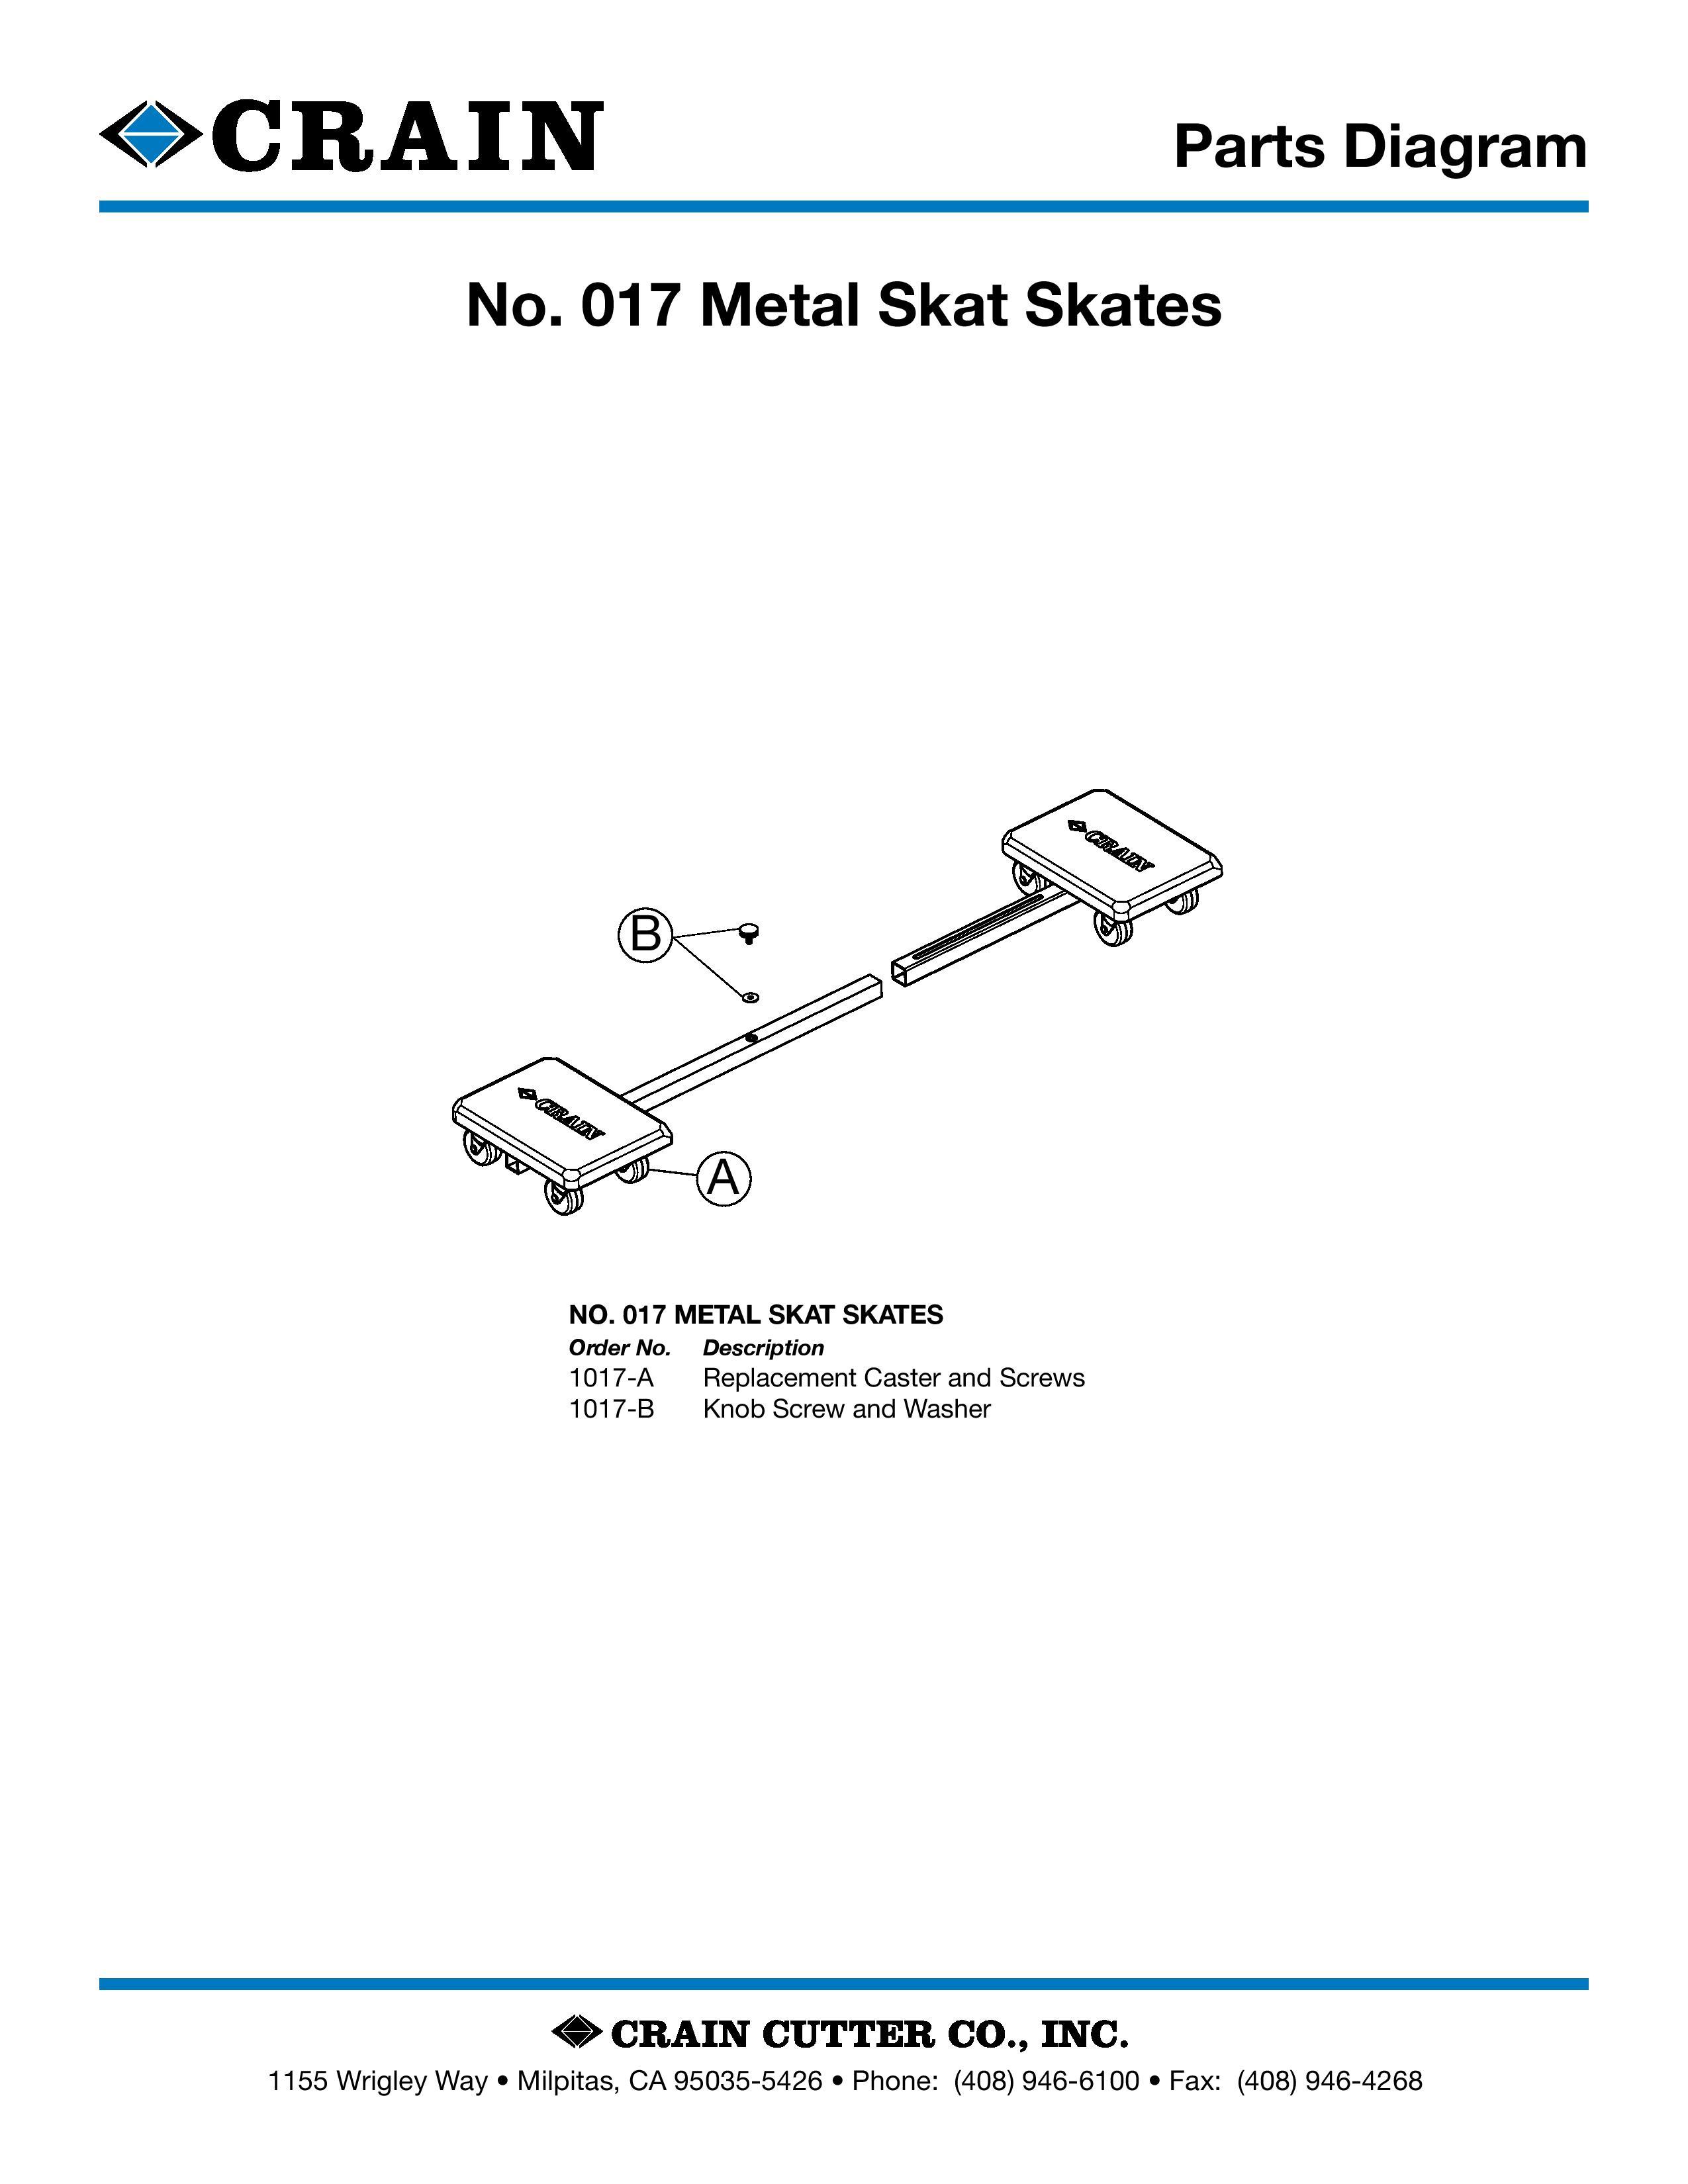 No. 017 Metal Skat Skates